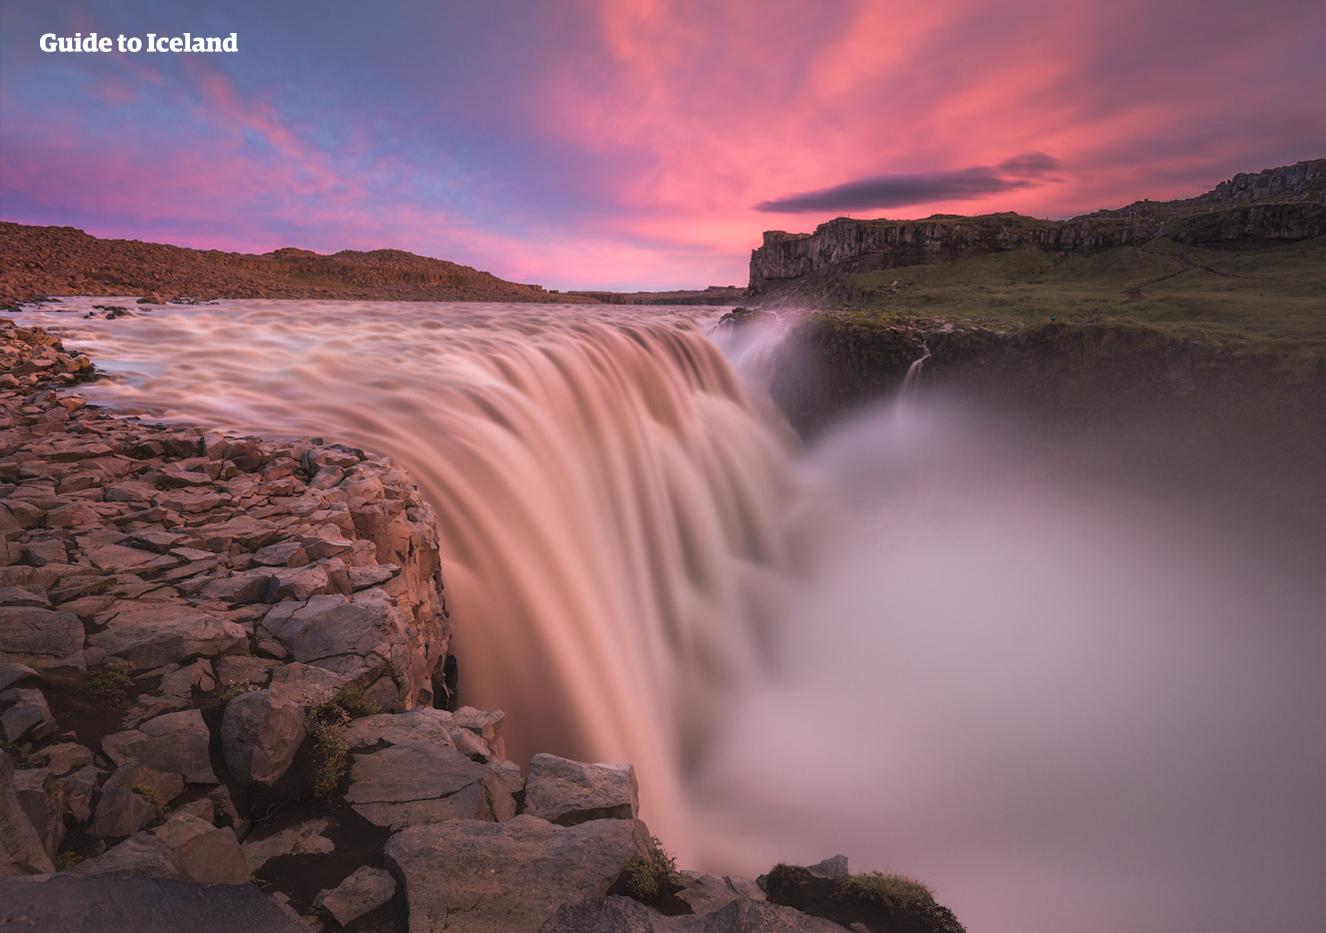 Nell'Islanda settentrionale puoi trovare Dettifoss, una cascata ruggente e imponente, che si dice sia la cascata più potente d'Europa.